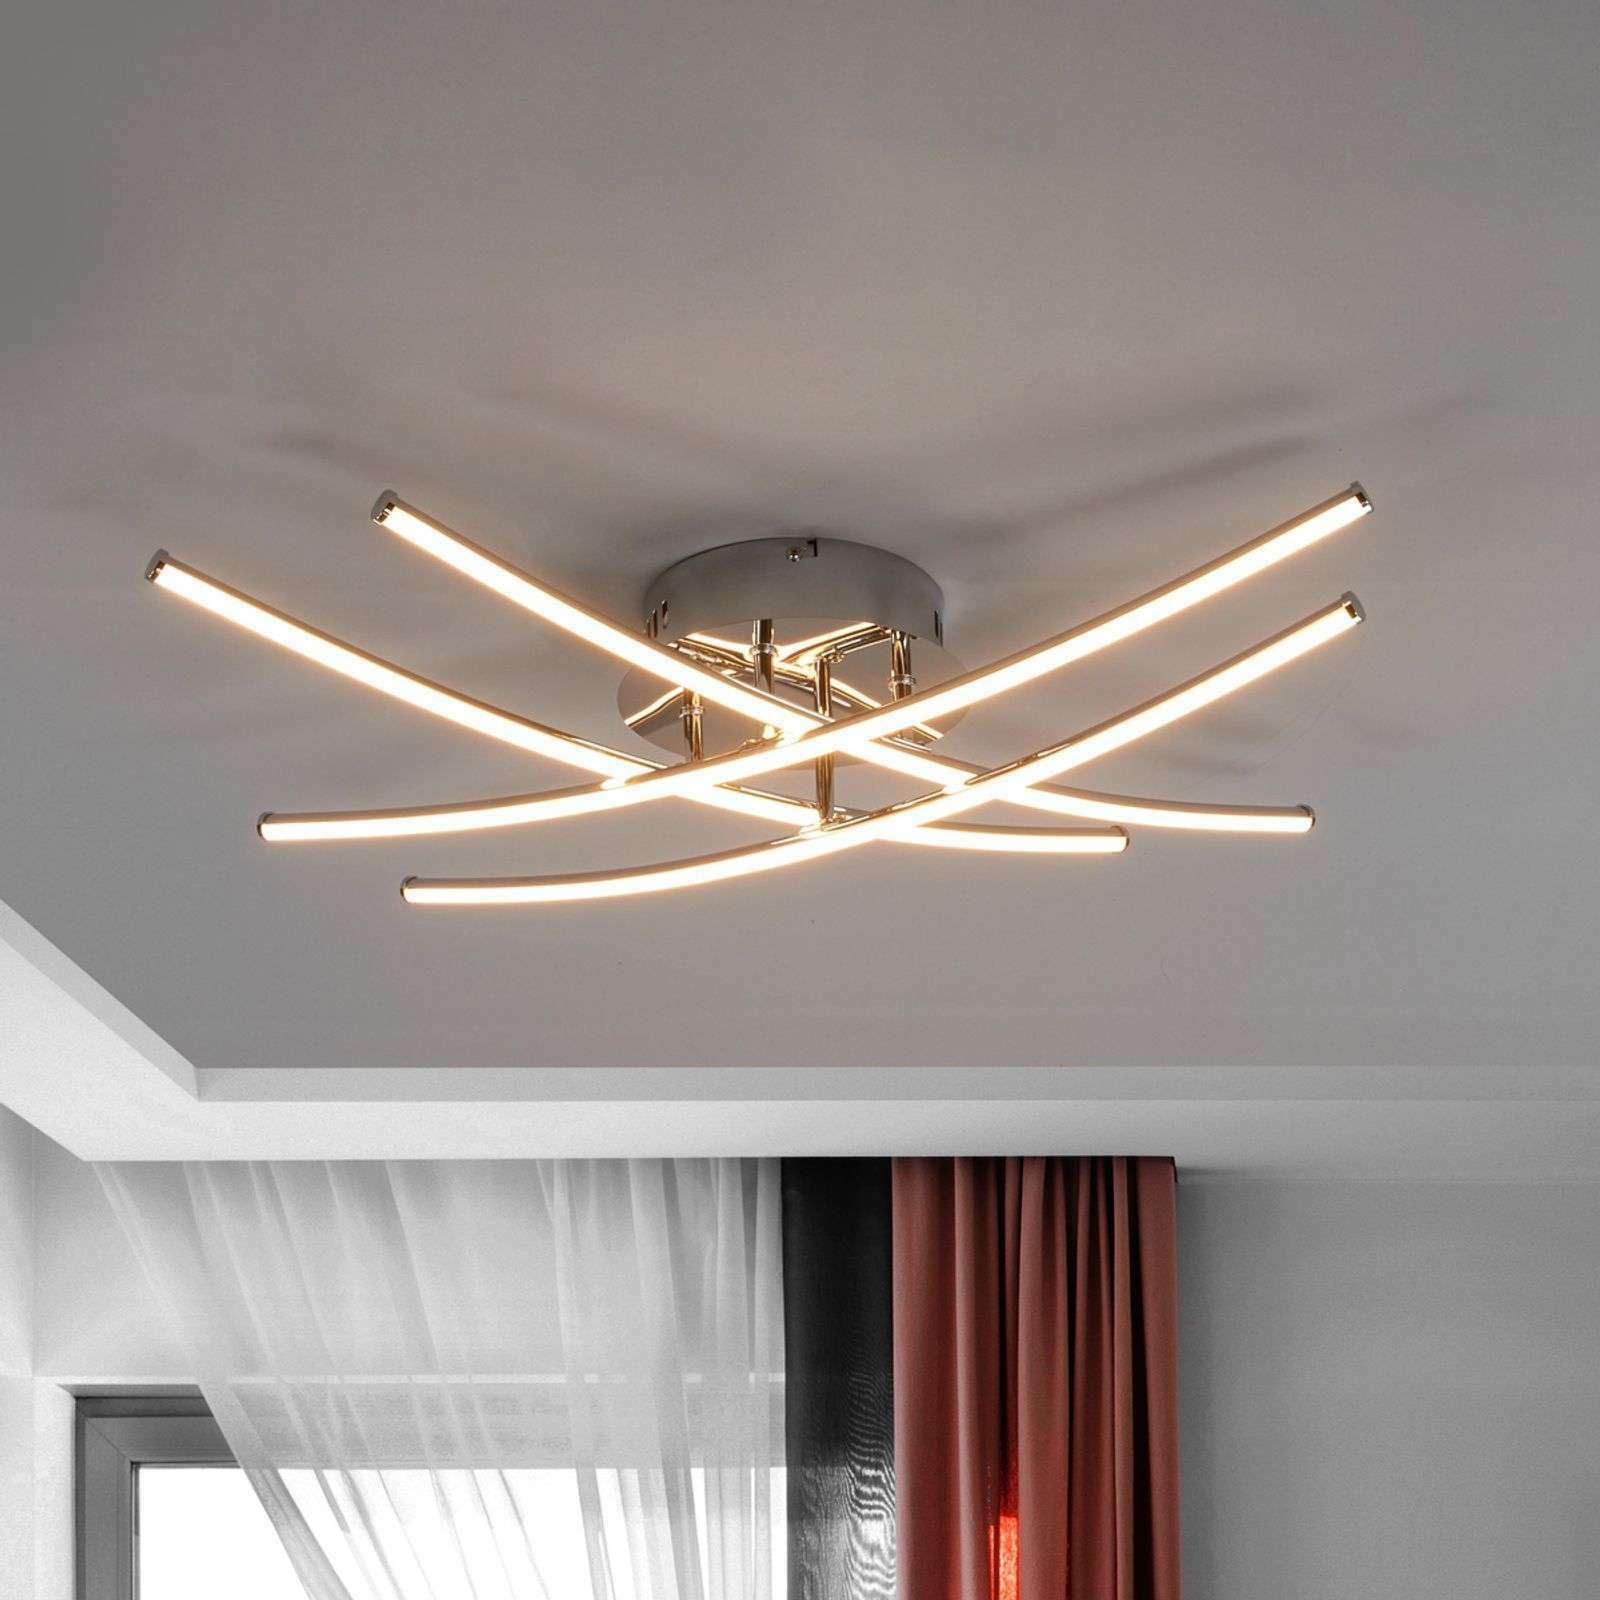 Full Size of Deckenlampe Wohnzimmer Modern Deckenlampen Stehlampe Moderne Esstische Landhausstil Deckenleuchten Hängeschrank Weiß Hochglanz Led Lampen Beleuchtung Wohnzimmer Deckenlampe Wohnzimmer Modern